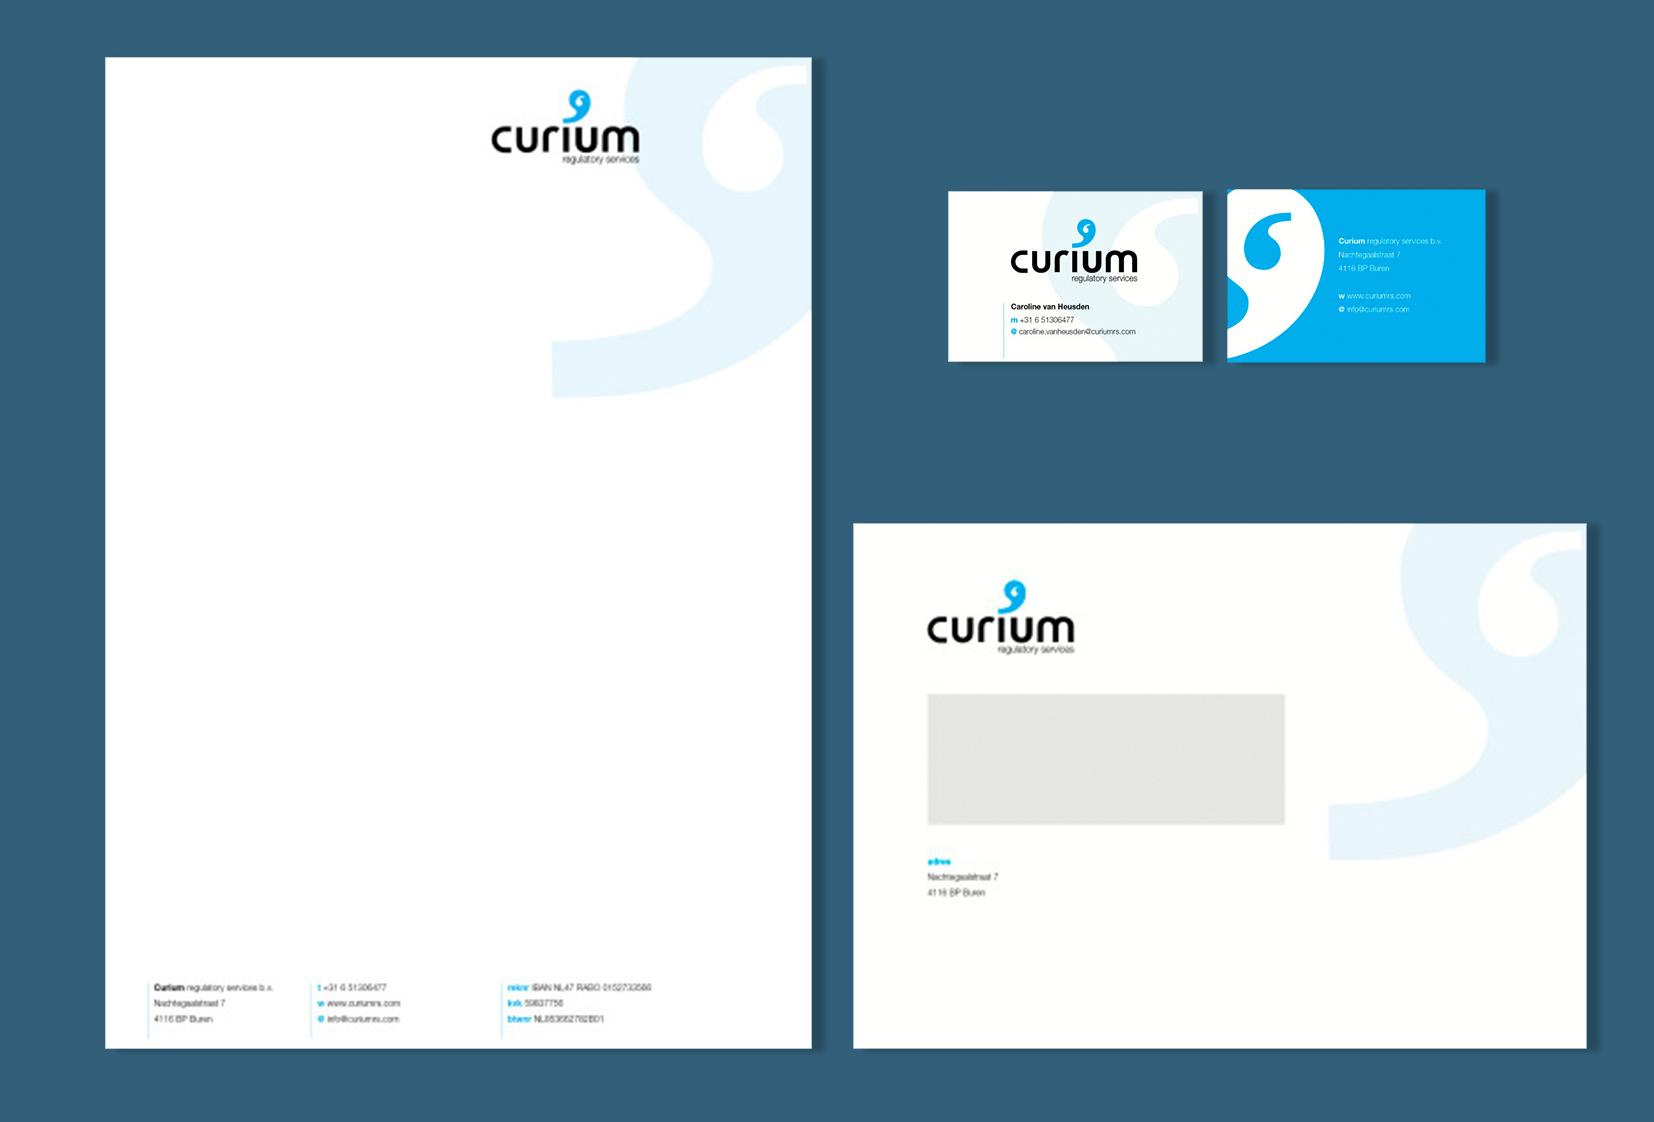 CURIUM 1